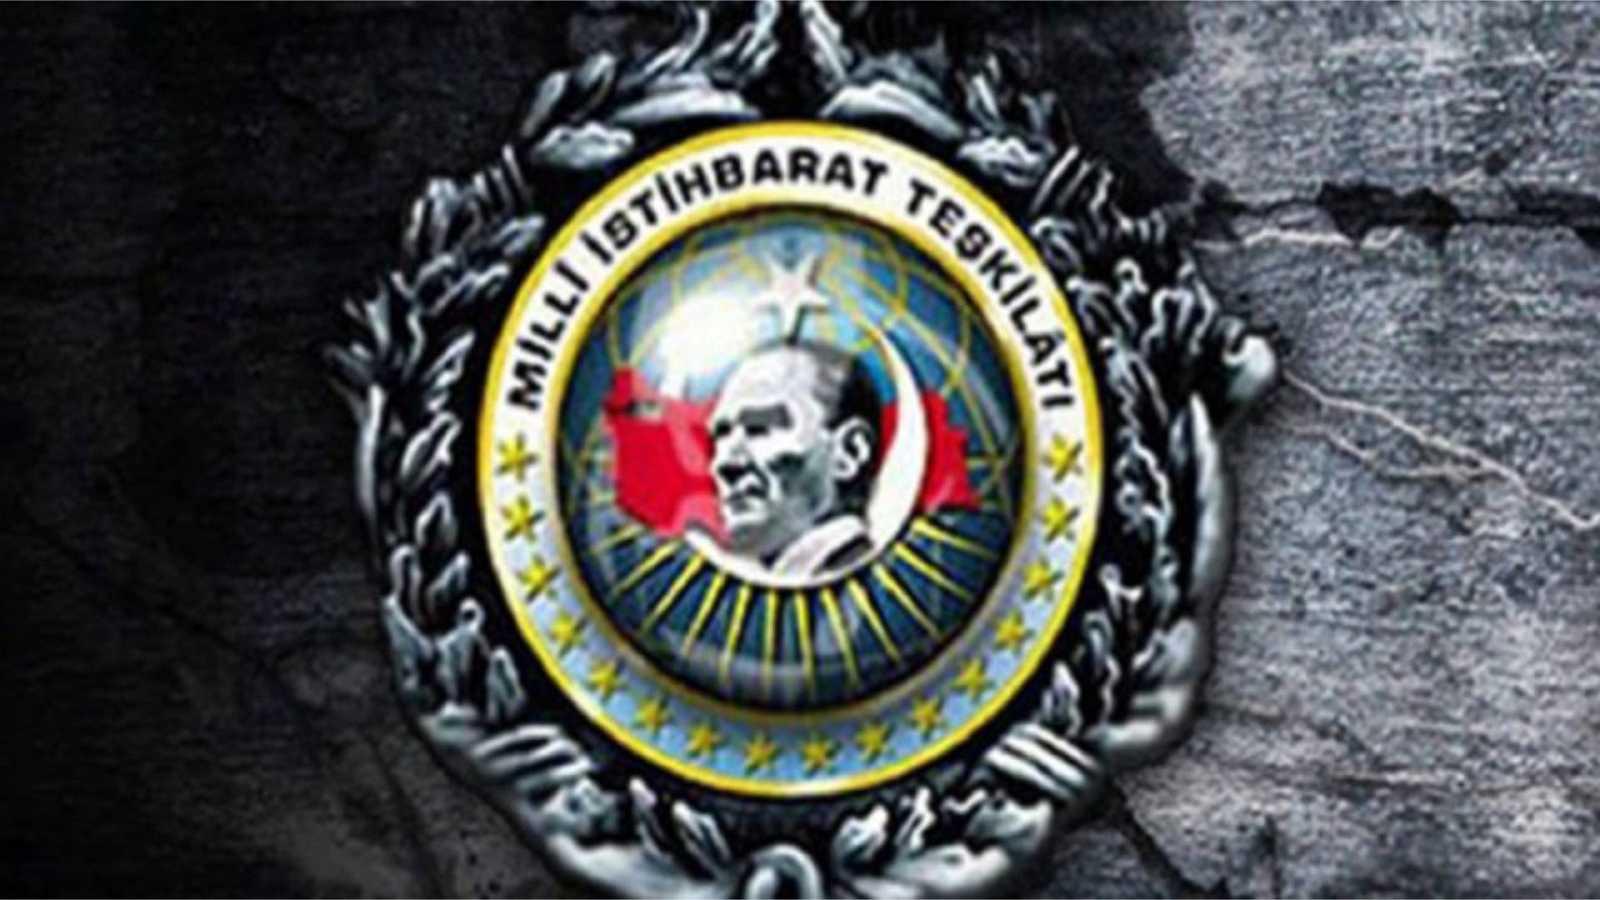 Código Crystal - El implacable MIT y el mundo secreto de África - 05/12/20 - Escuchar ahora